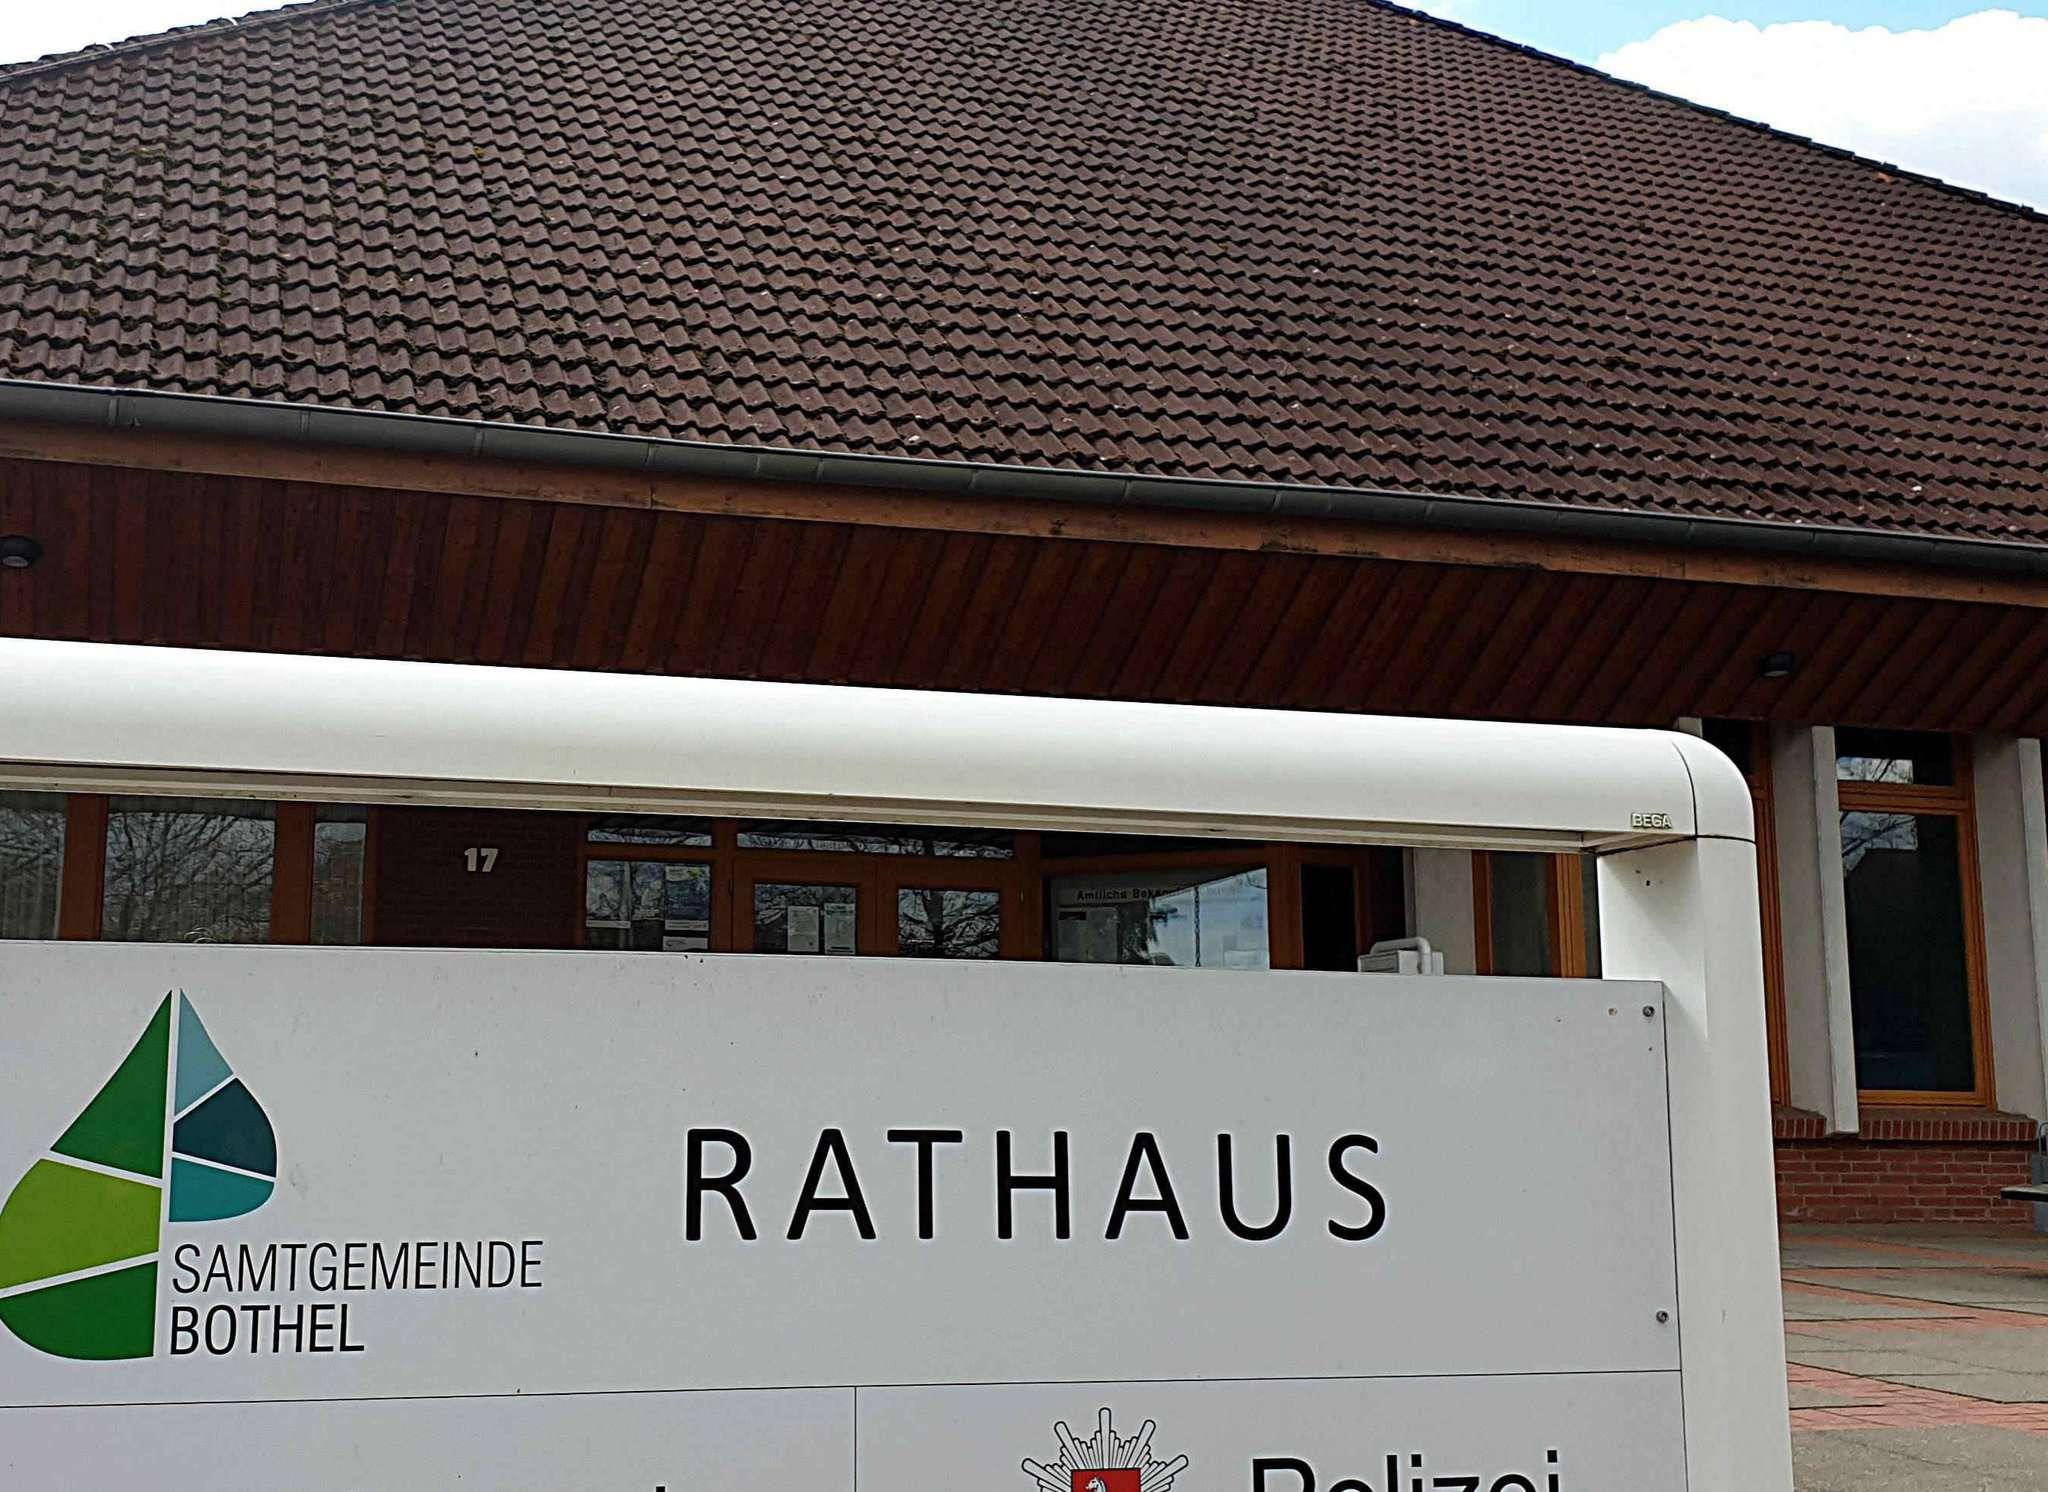 Das Rathaus in Bothel soll größer werden, und damit soll dann auch genügend Platz für die Polizei sein.